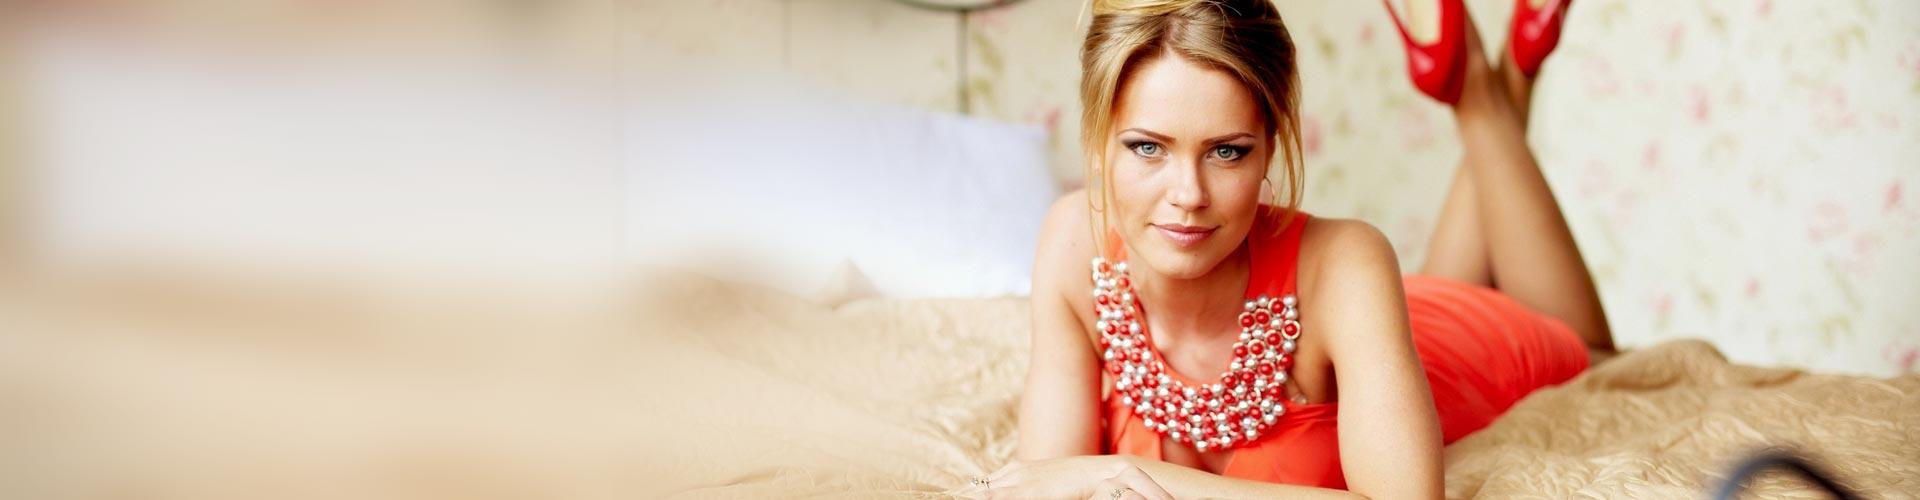 O femeie întinsă în pat.